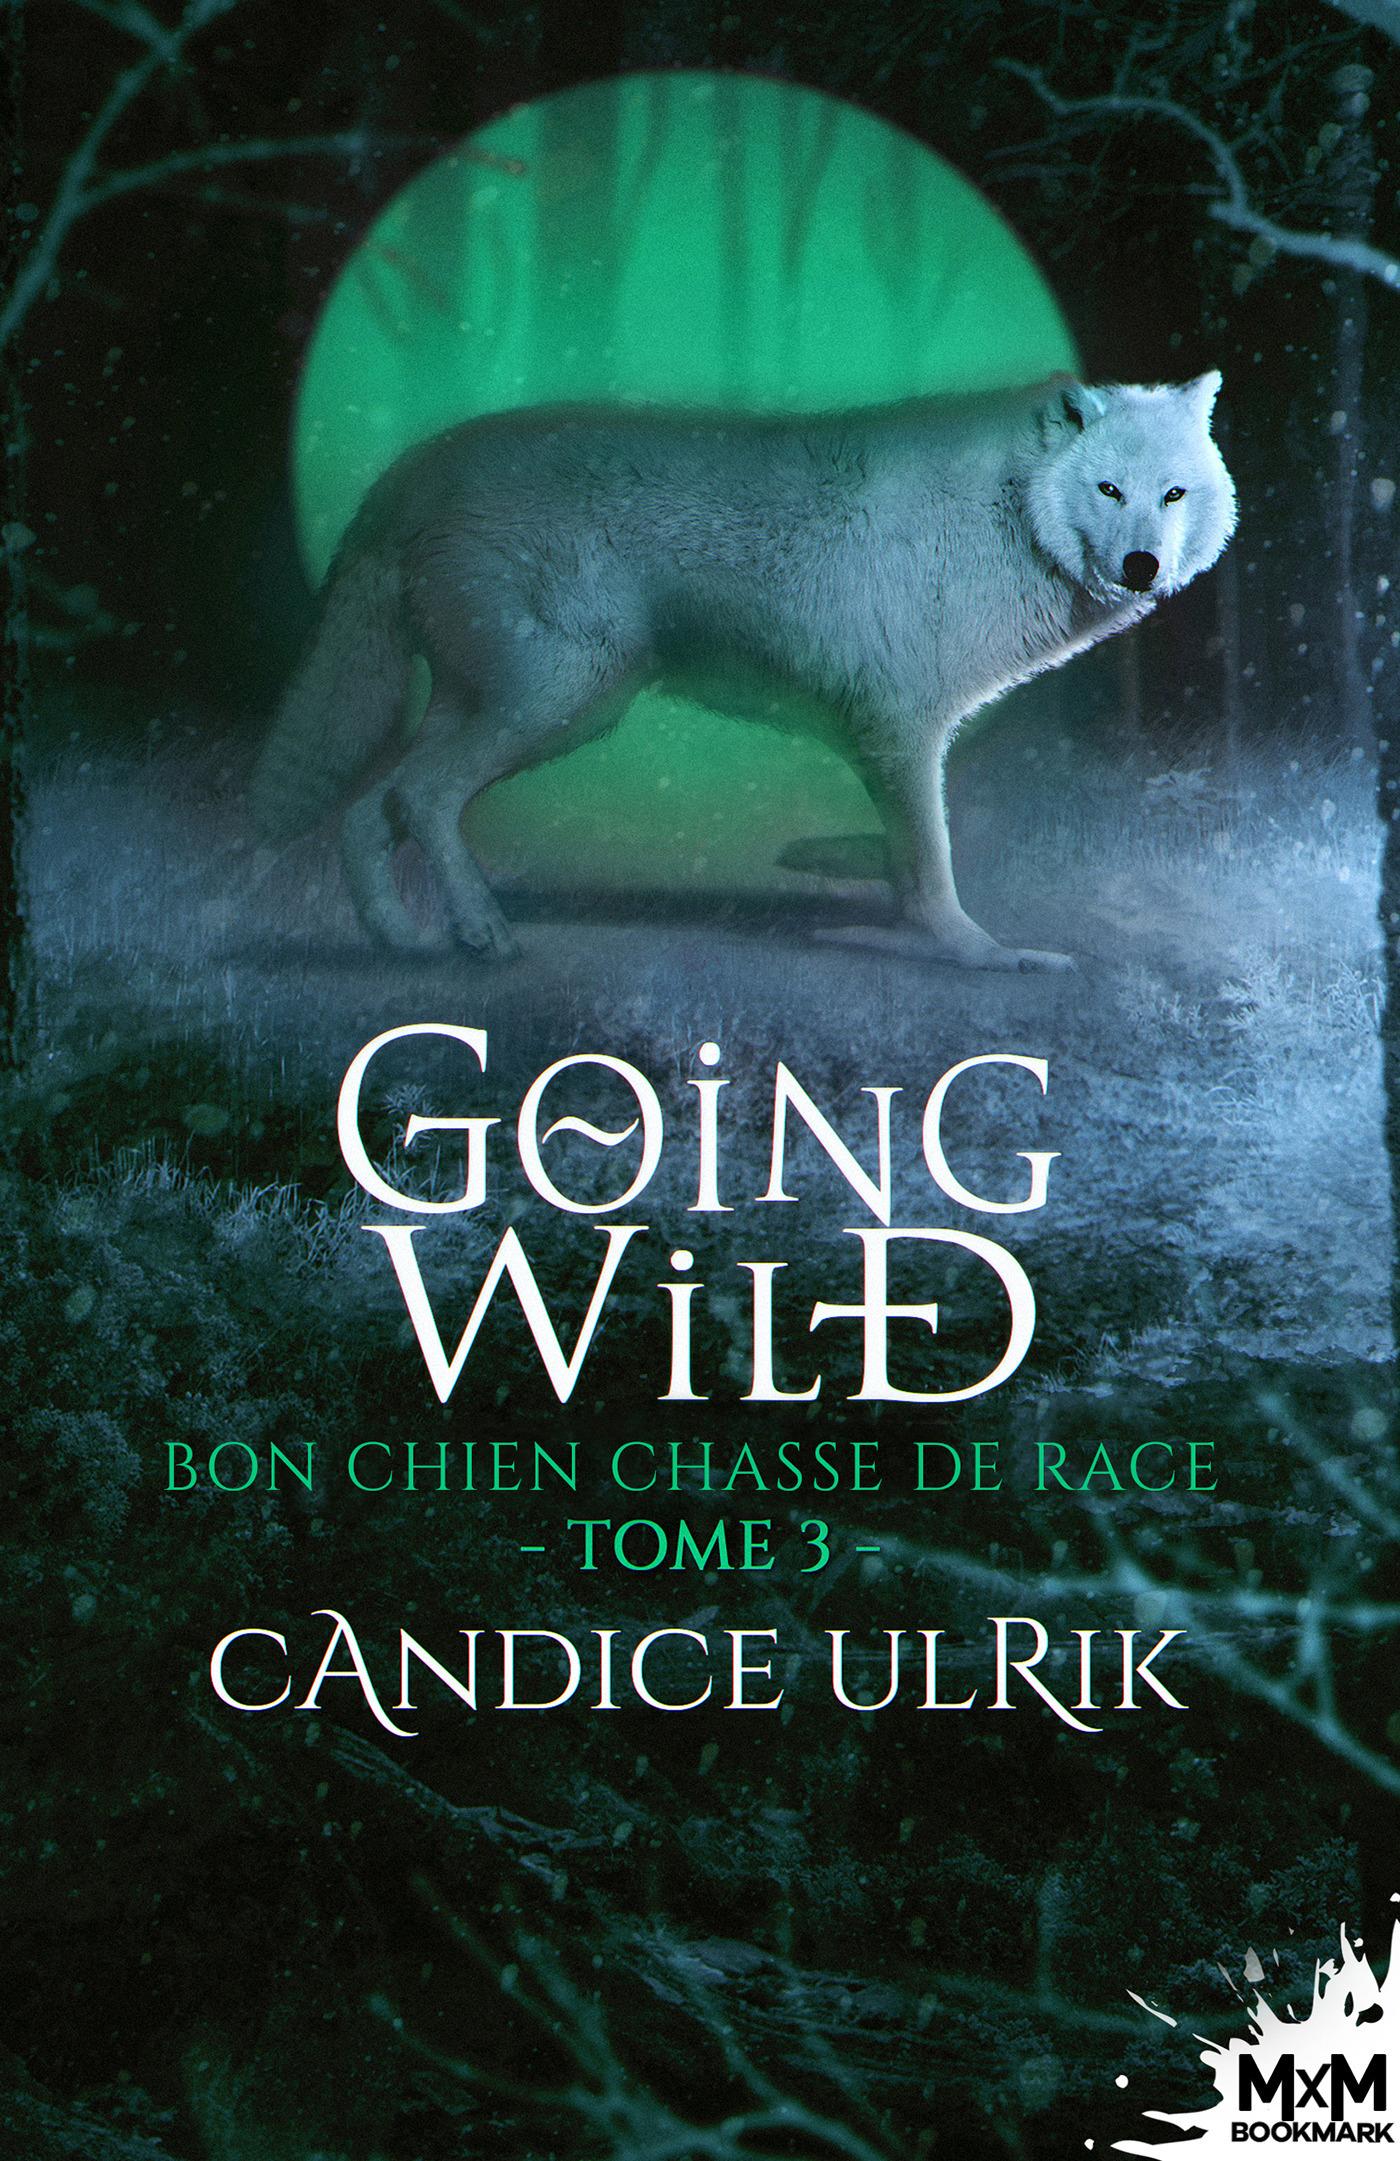 Bon chien chasse de race  - Candice Ulrik